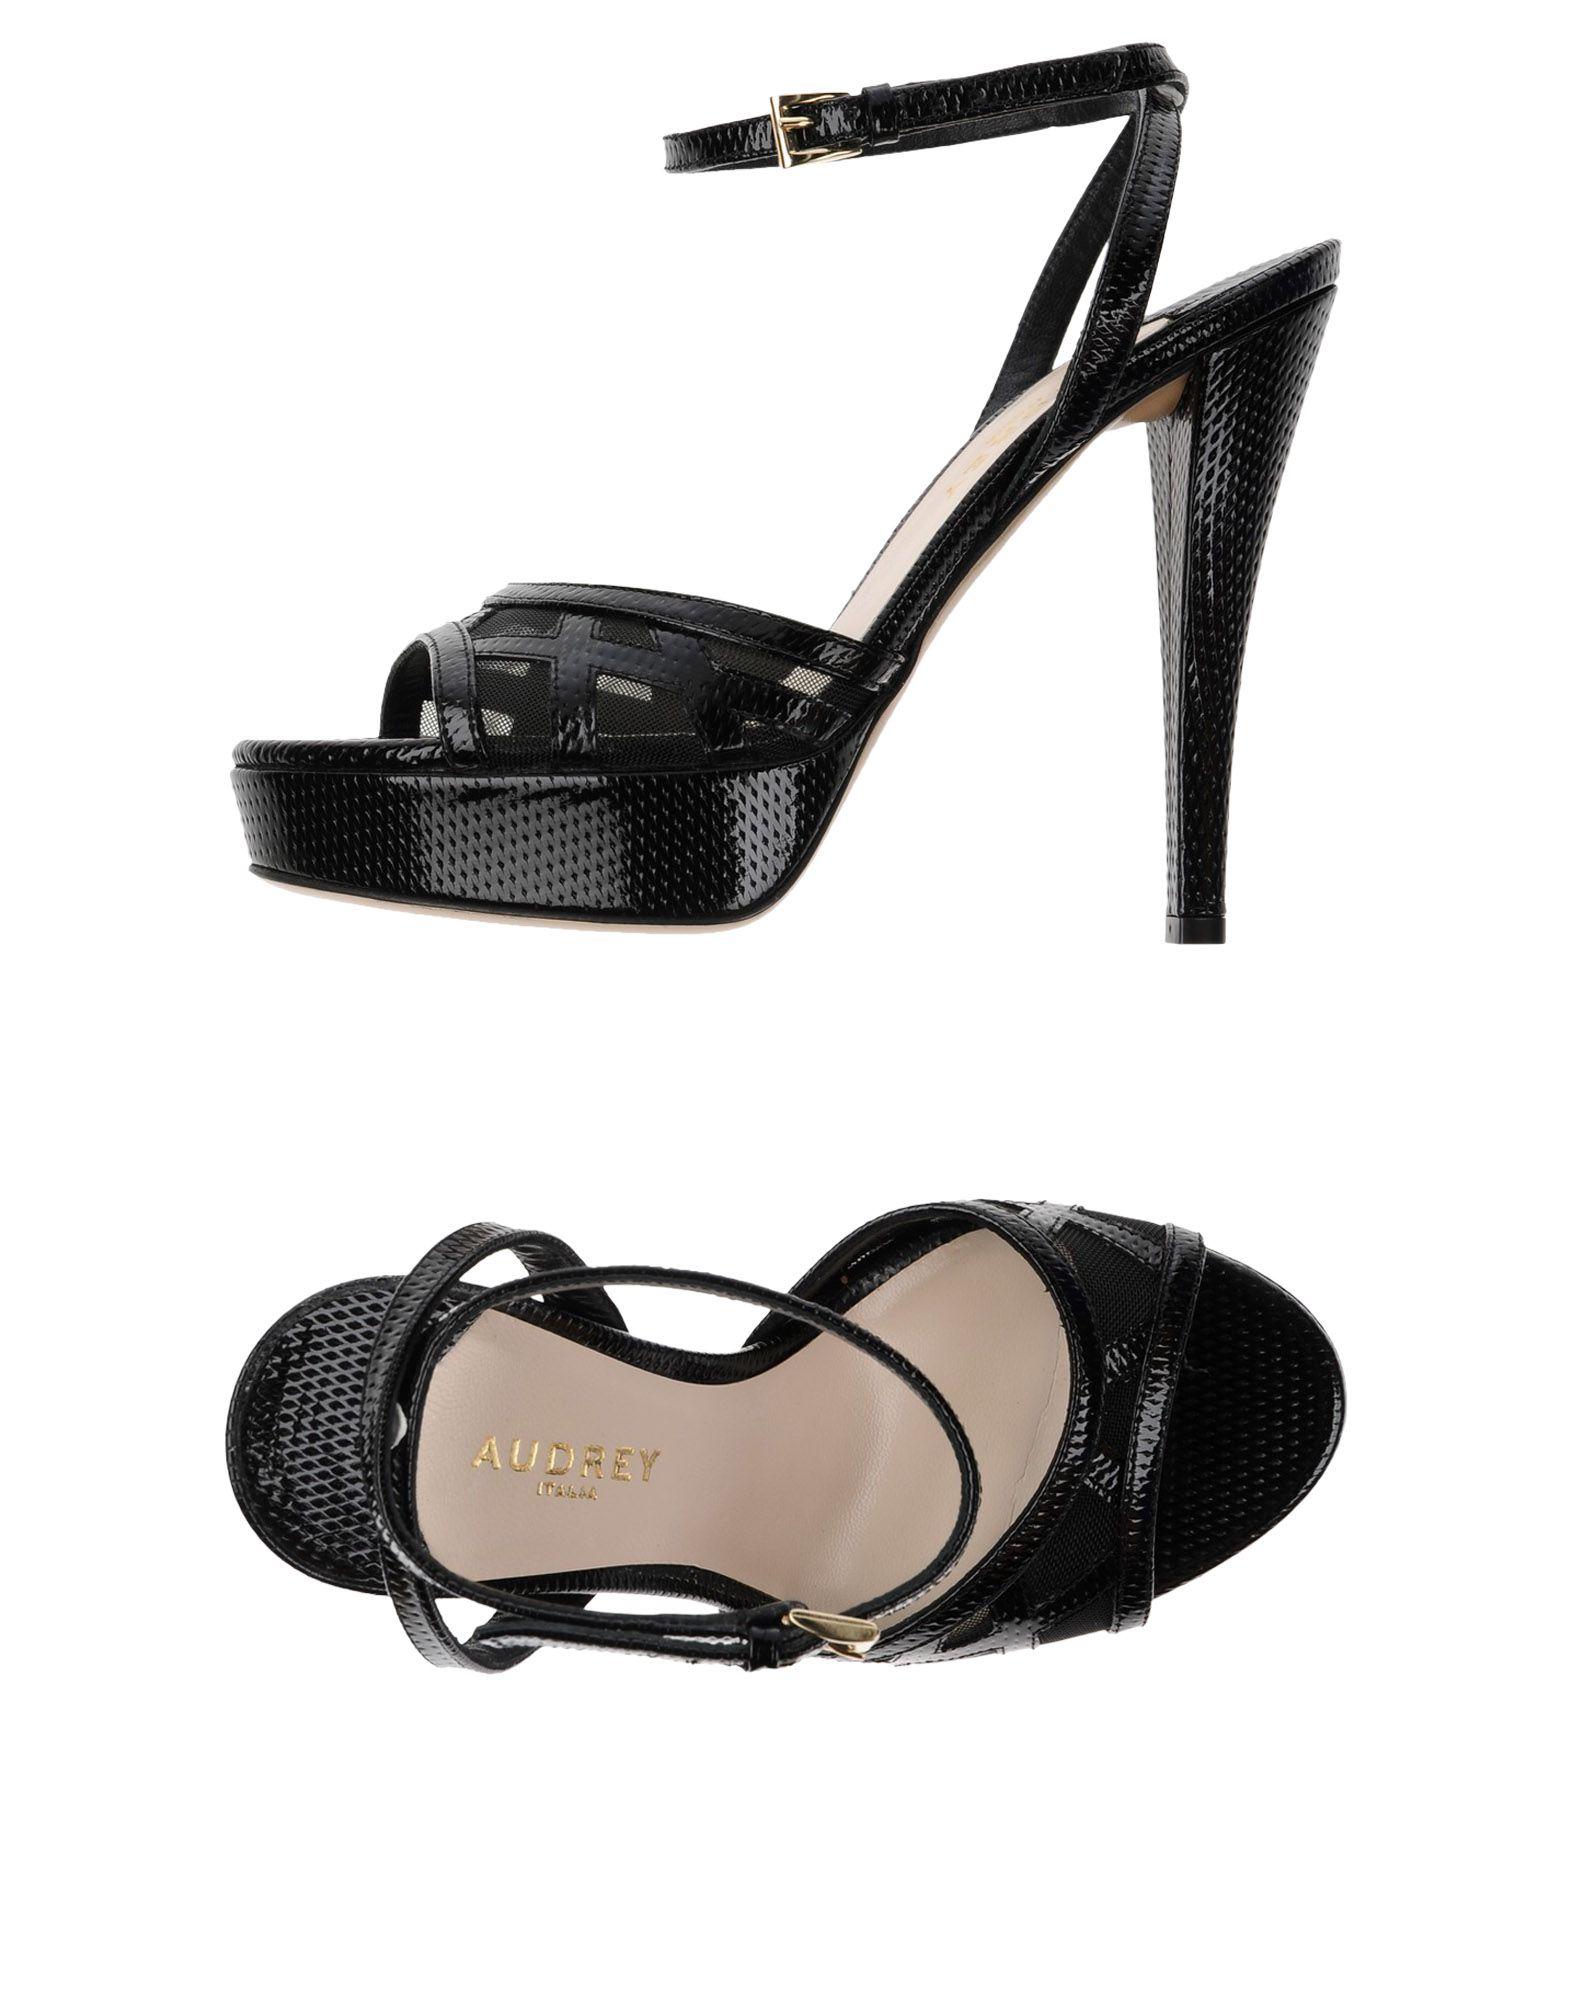 Sandales Audrey Femme - Sandales Audrey sur